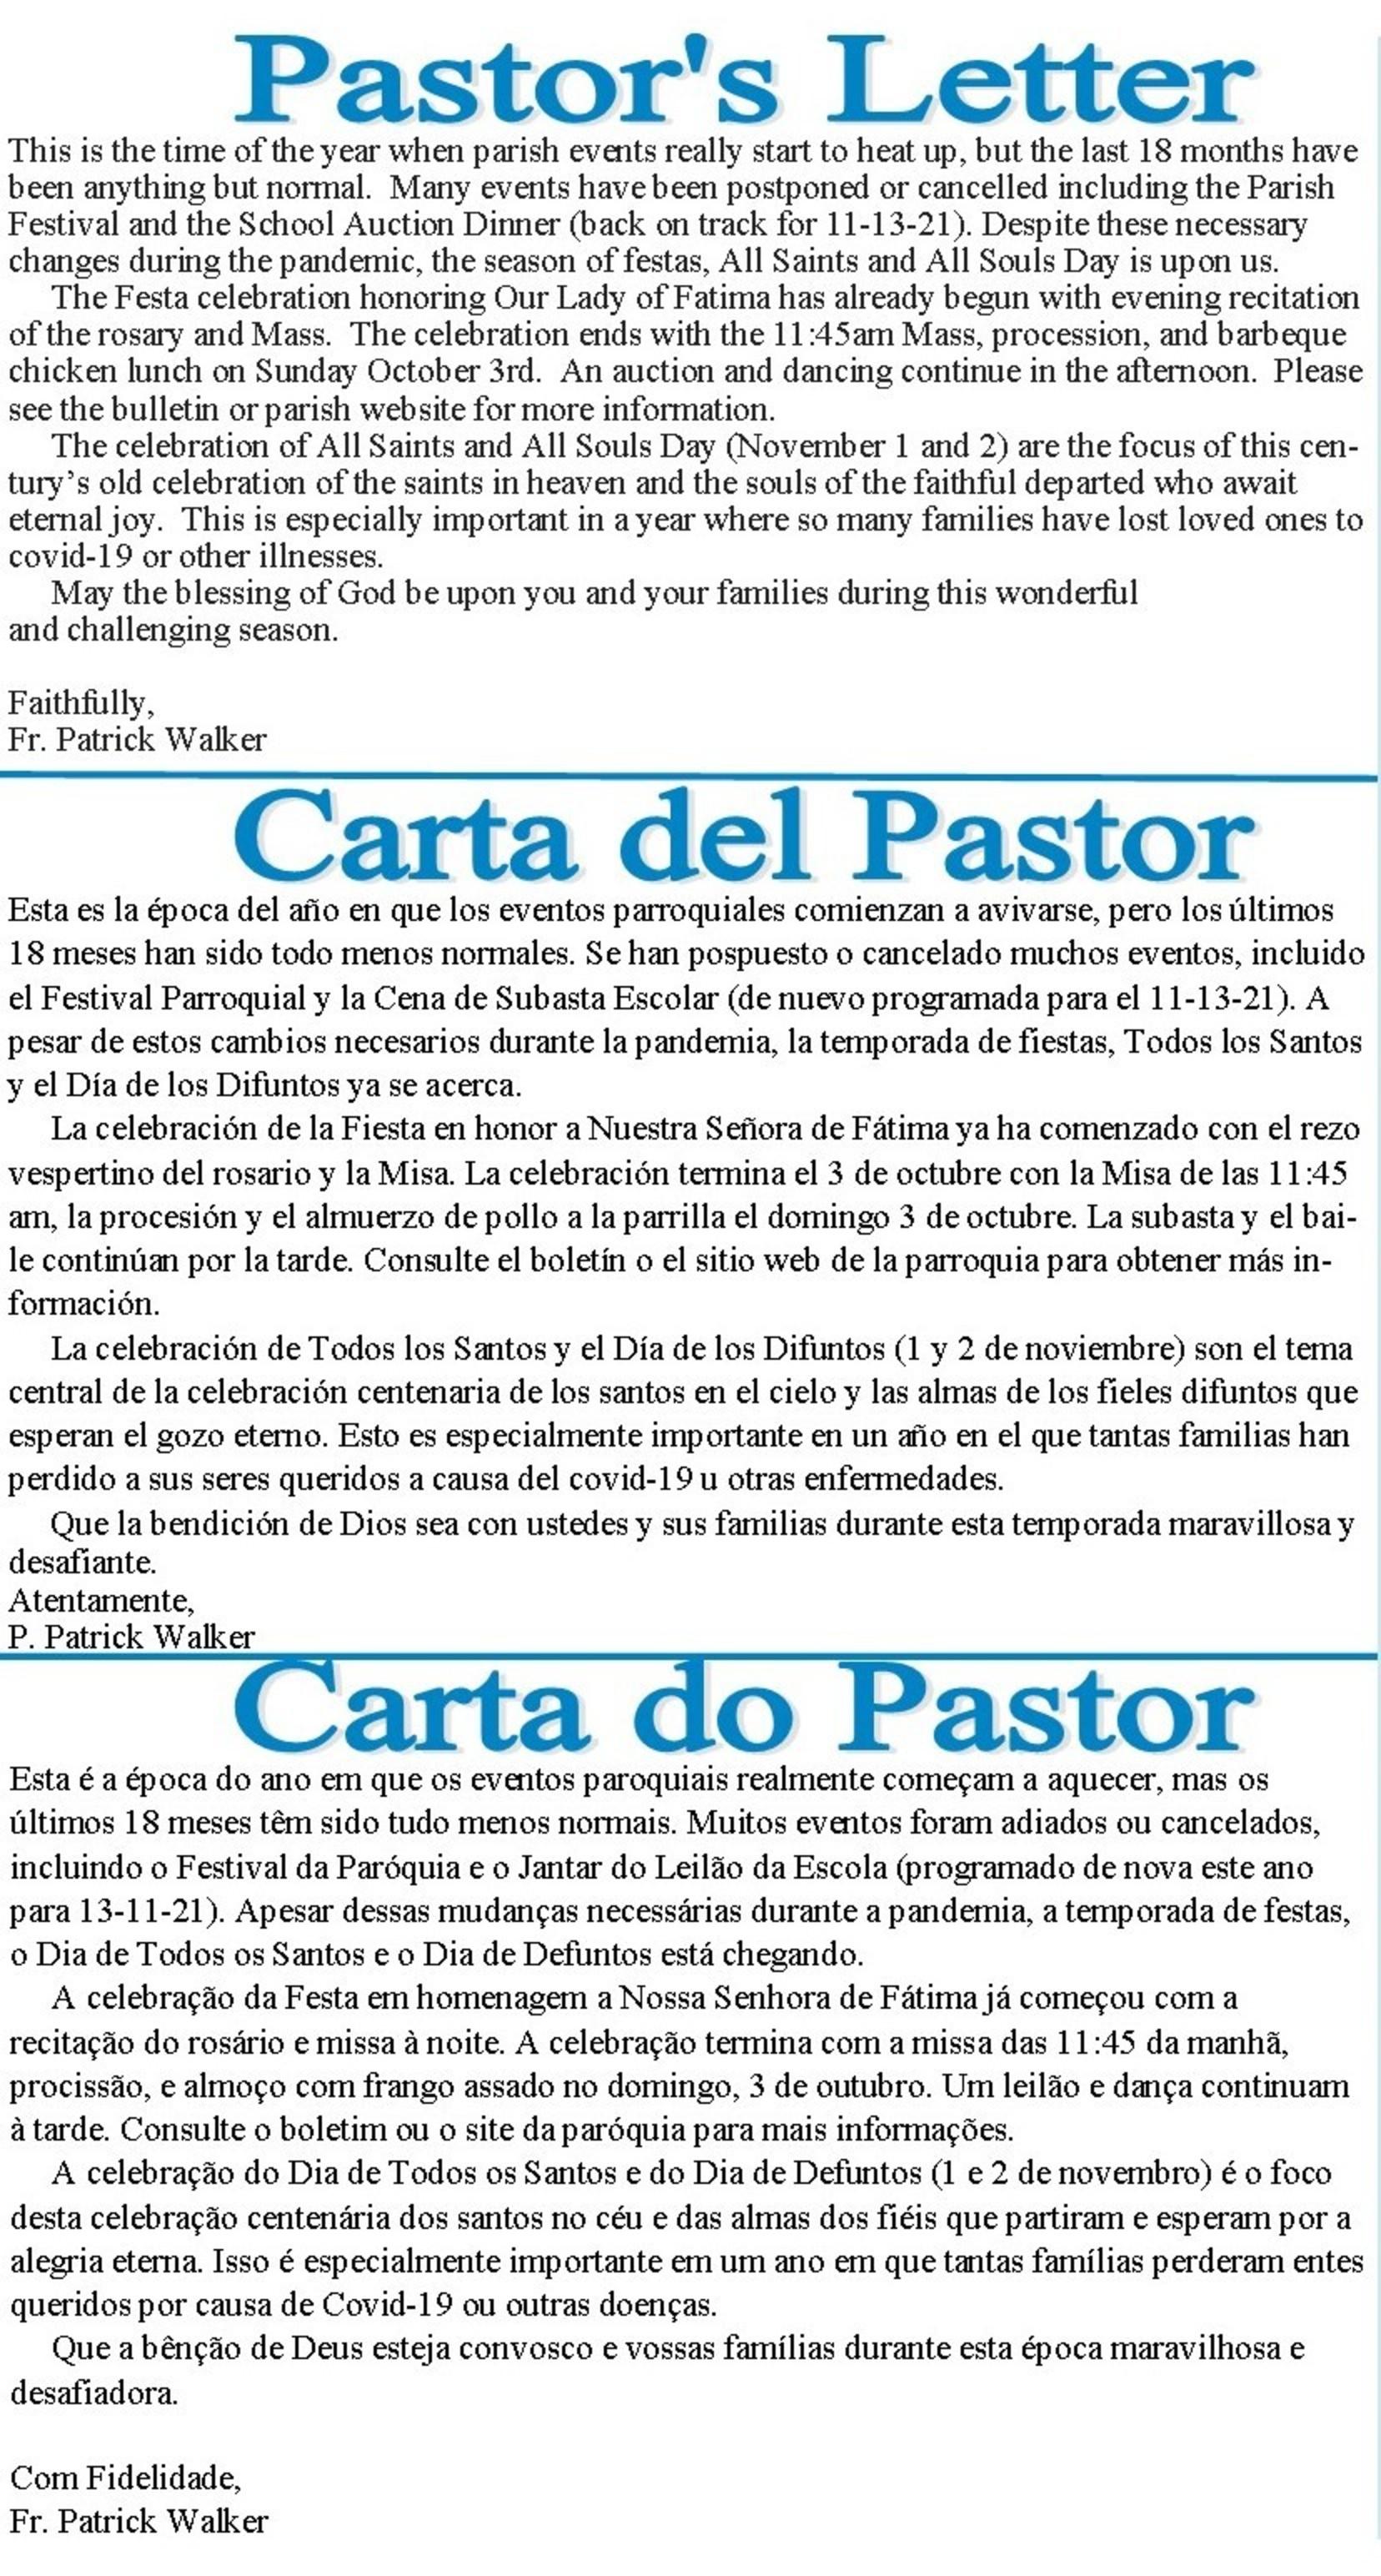 9 26 2021 Pastors Message